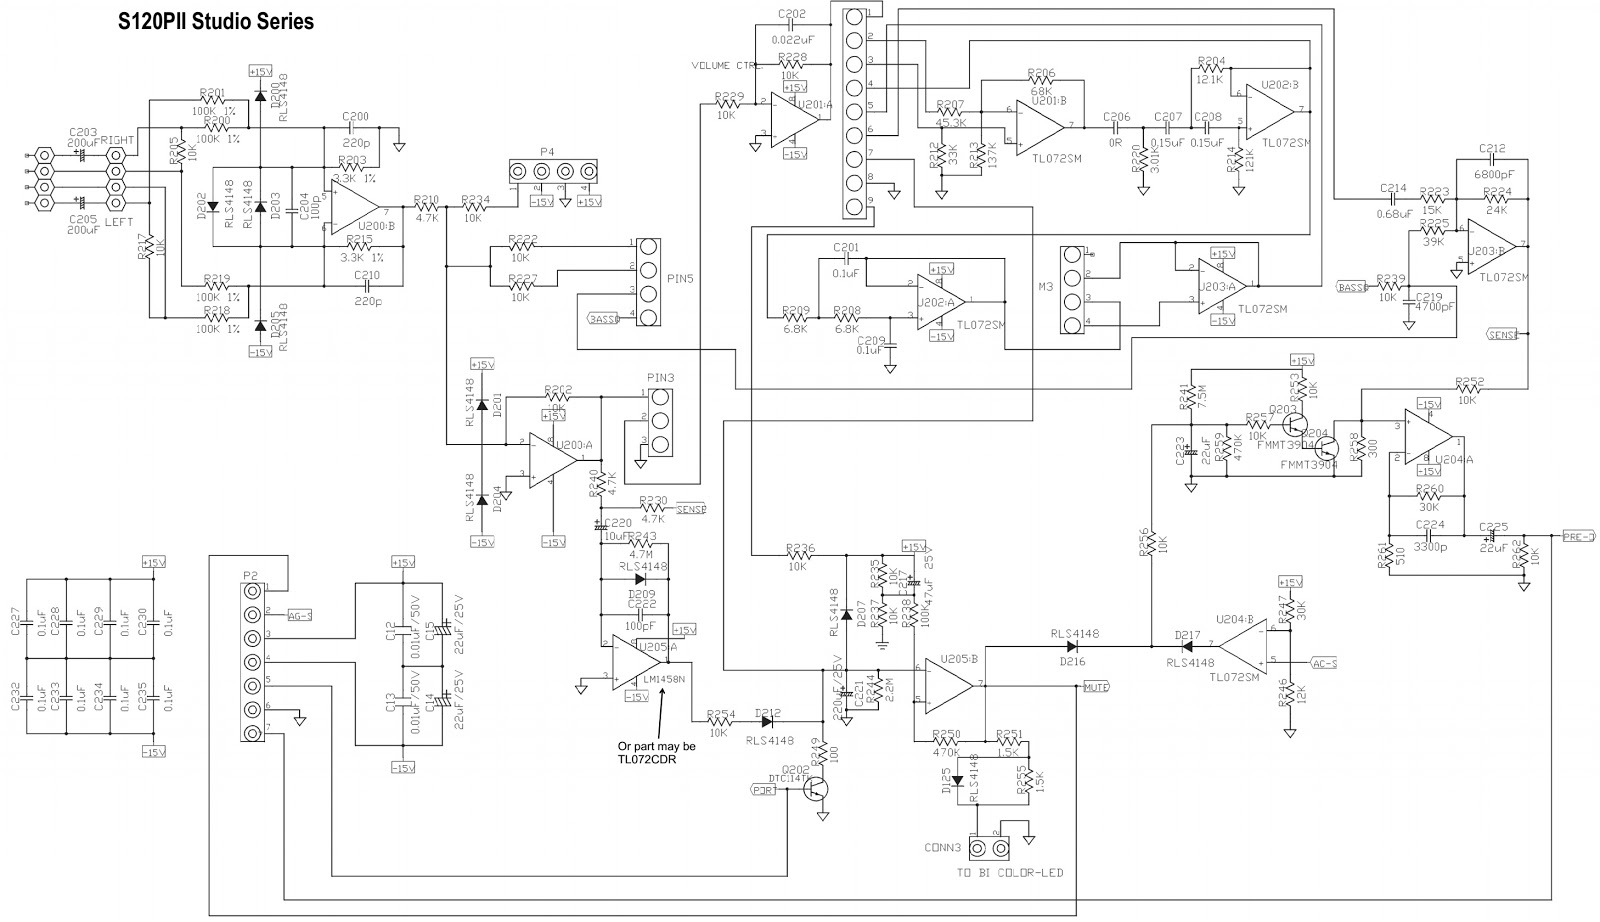 jbl cs1214 wiring diagram